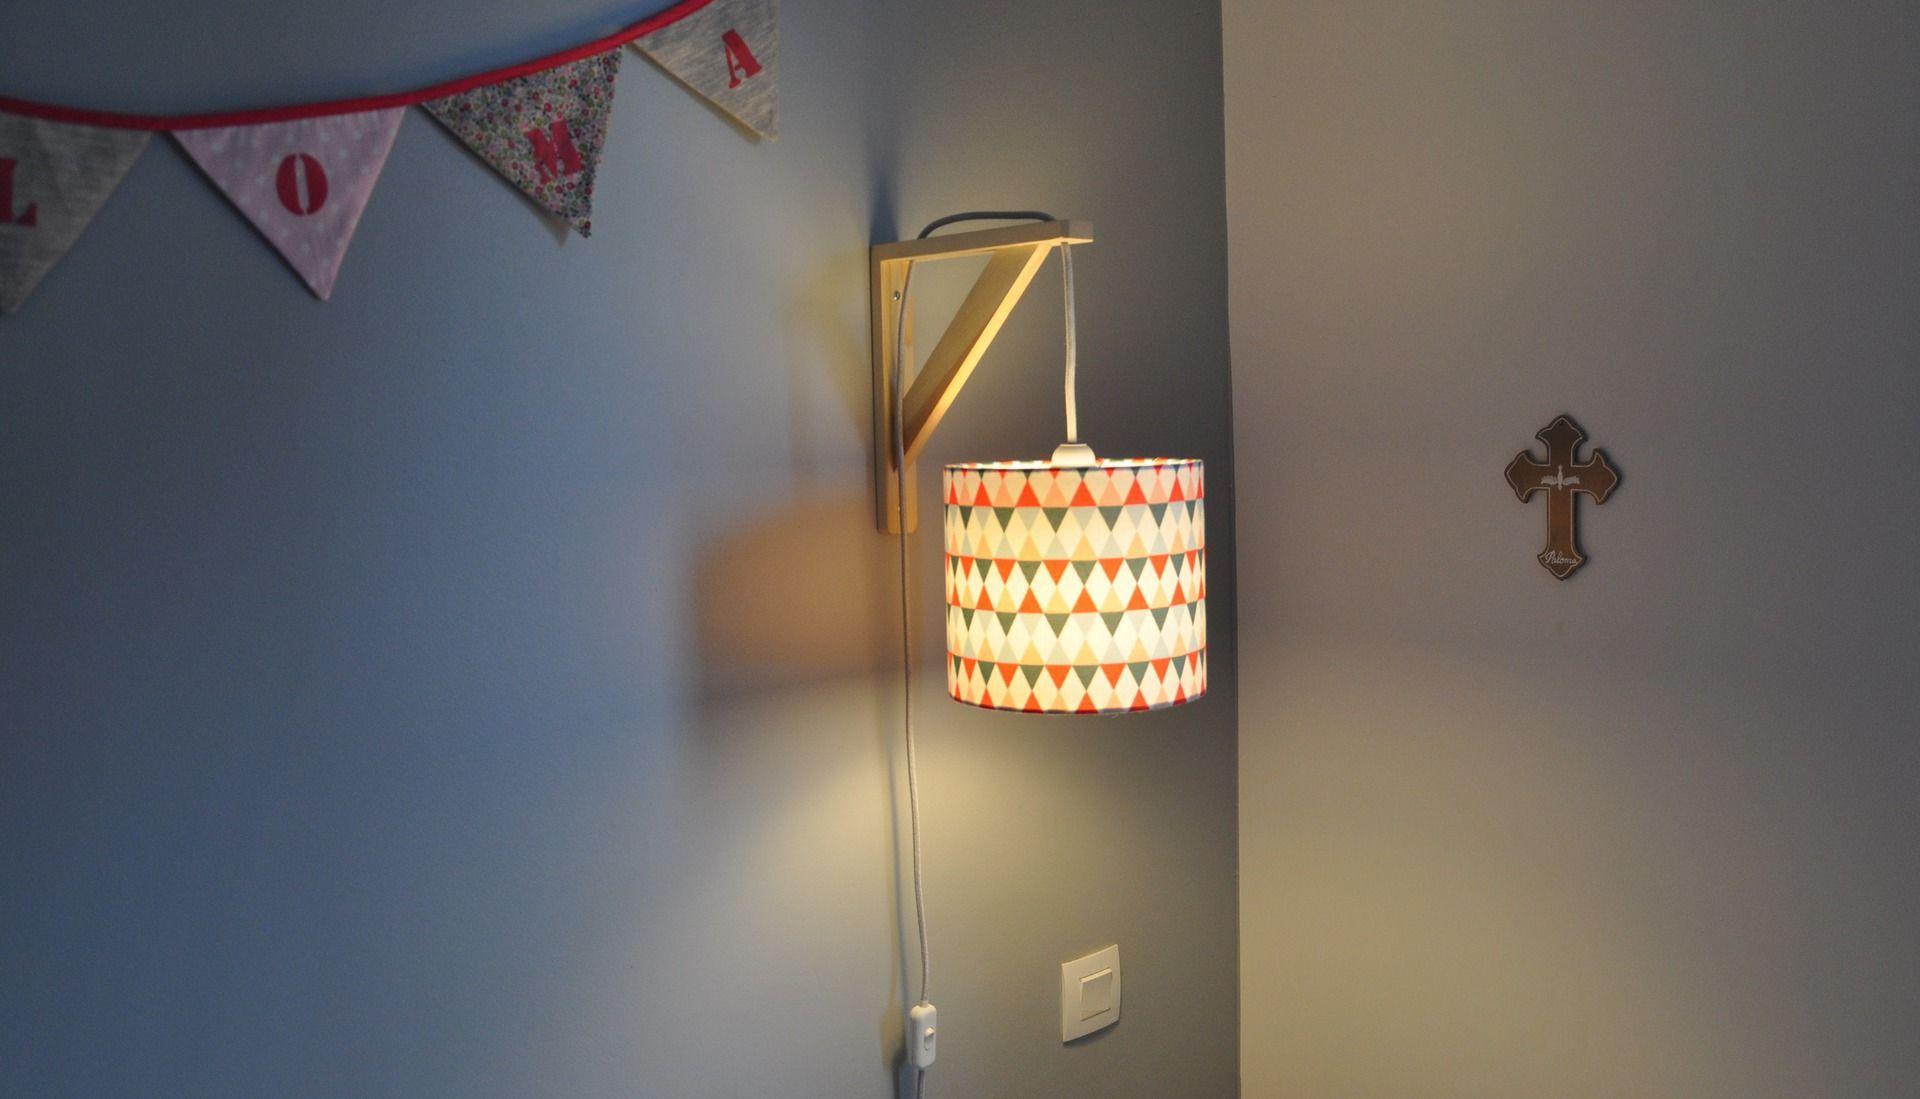 Lampe équerre - applique murale - tons corail, bleu gris | chambre ...